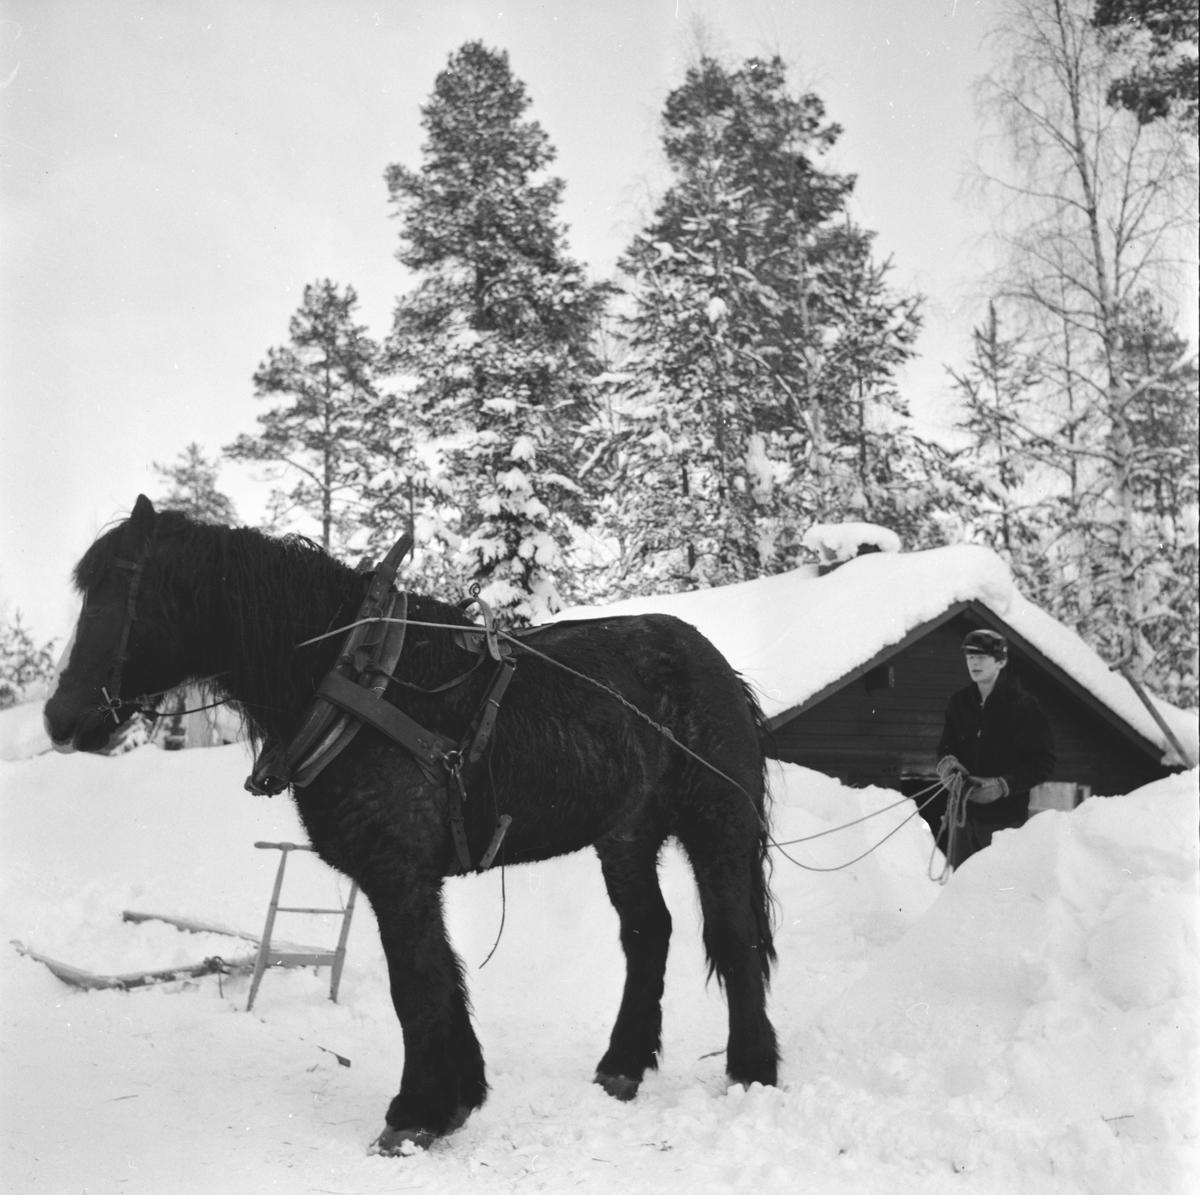 Söderlund Göte, Skogskörning vid Grannäsvägen, 9 Febr 1966